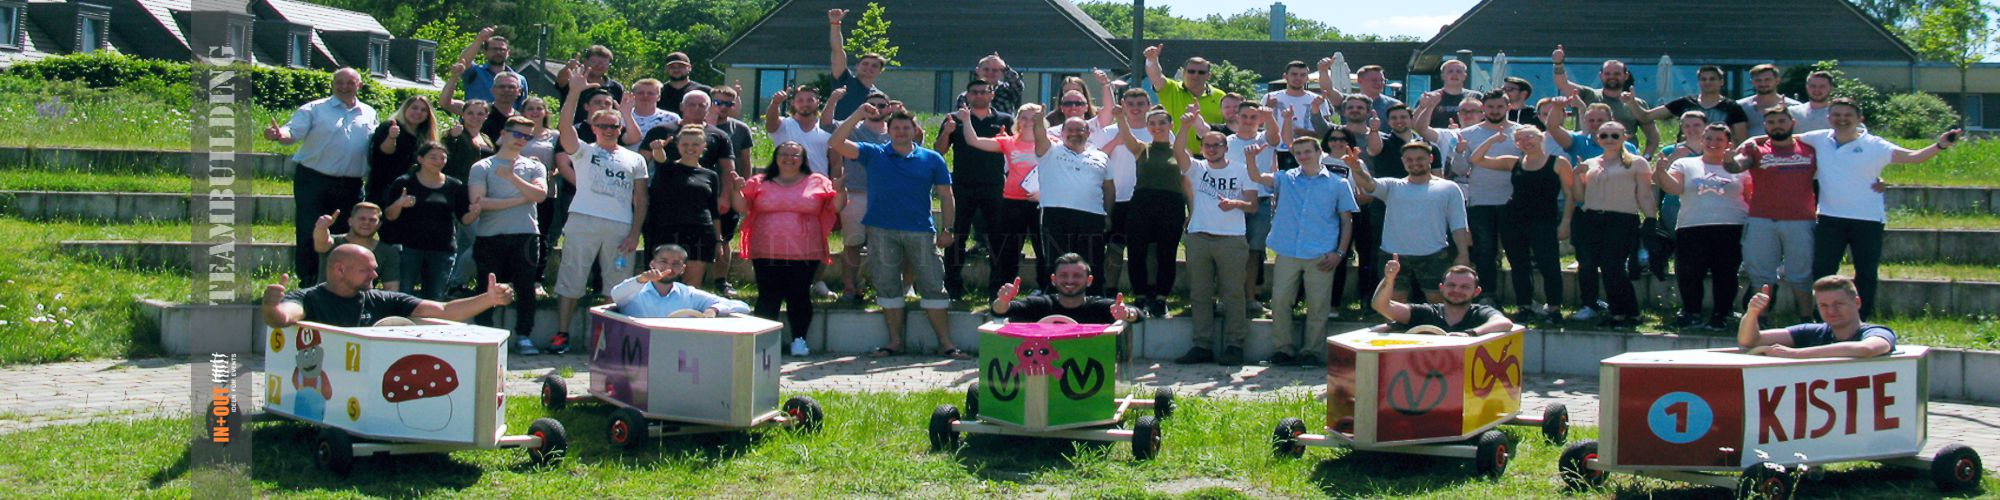 Ideen für Team Events - Seifenkisten Team Challenge - Event Koblenz